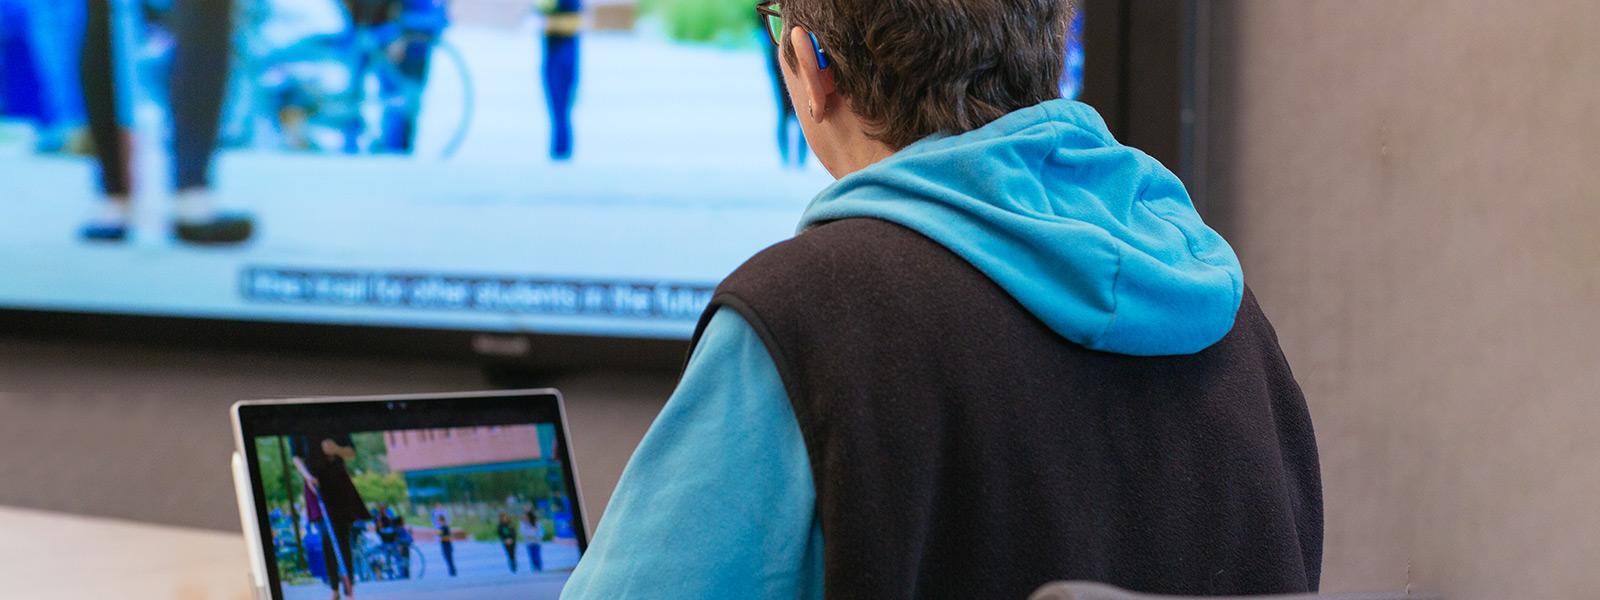 使用助聽器的女人觀看有字幕的視訊簡報